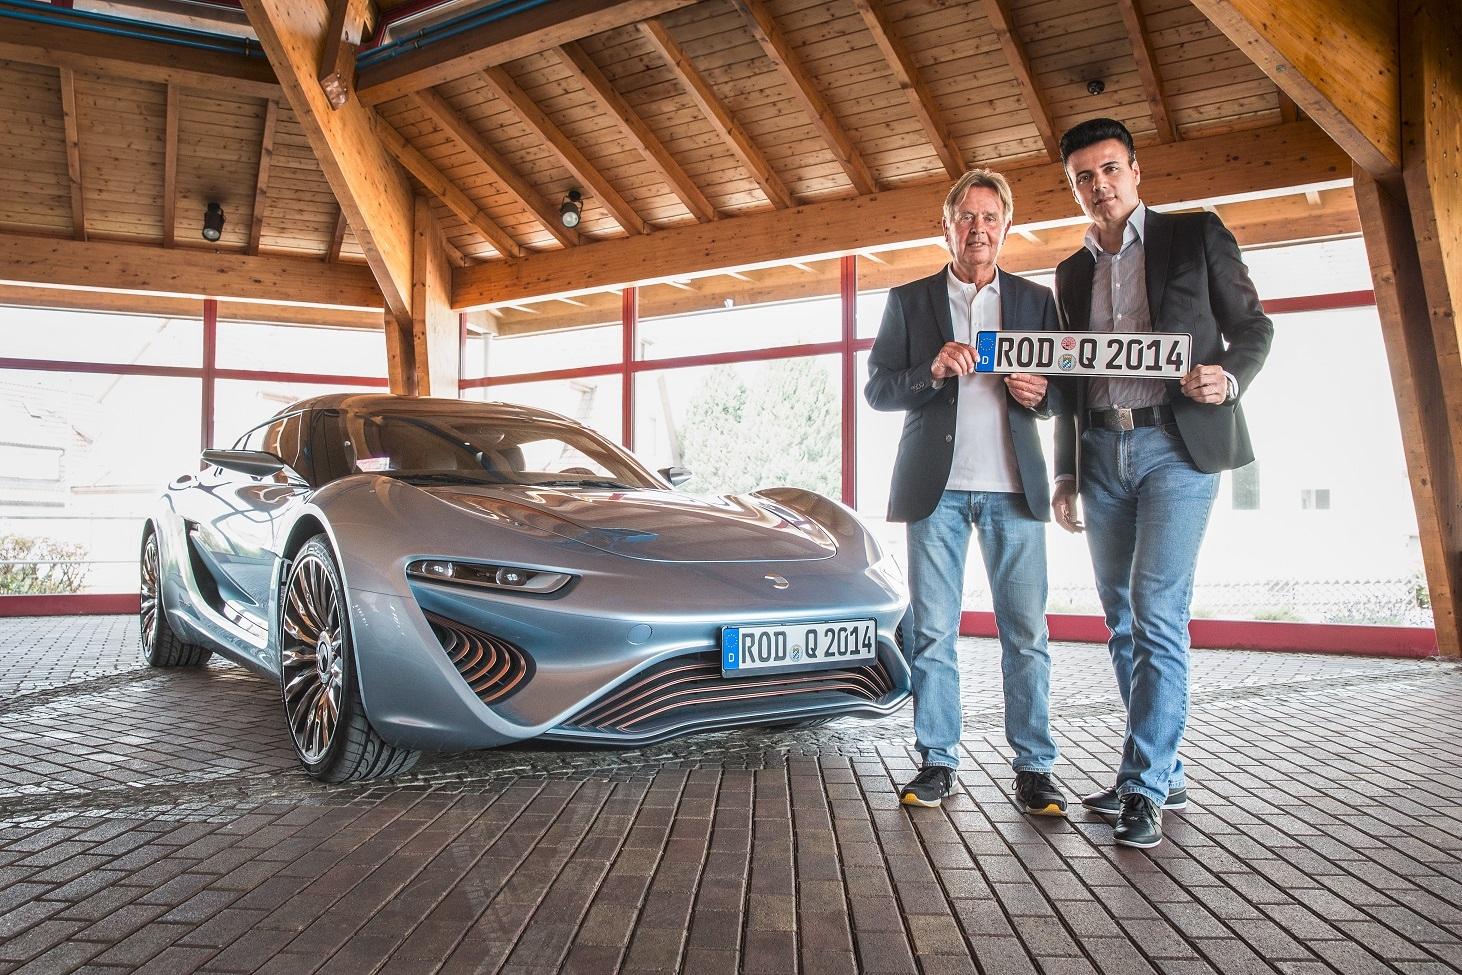 図1 「QUANT e-Sportlimousine」の前でナンバープレートを掲げるヌンツィオ・ラ・ベッキア氏(右)とイエンスペーター・エレルマン氏(左) 出典:nanoFLOWCELL